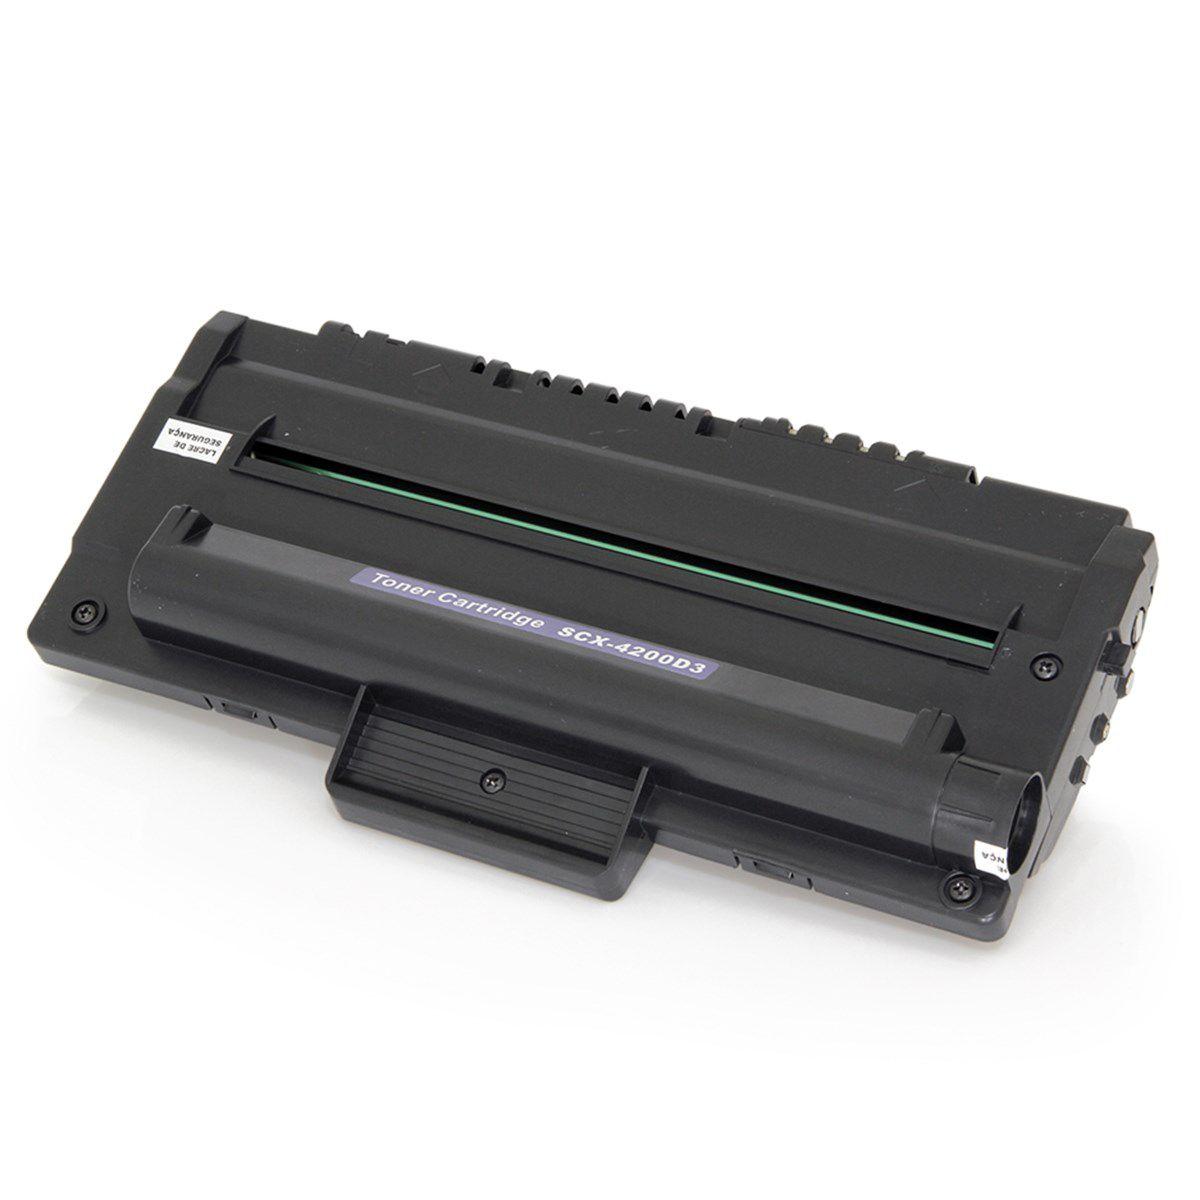 TONER COMPATIVEL XEROX 3119 COM CHIP COMPATIVEL